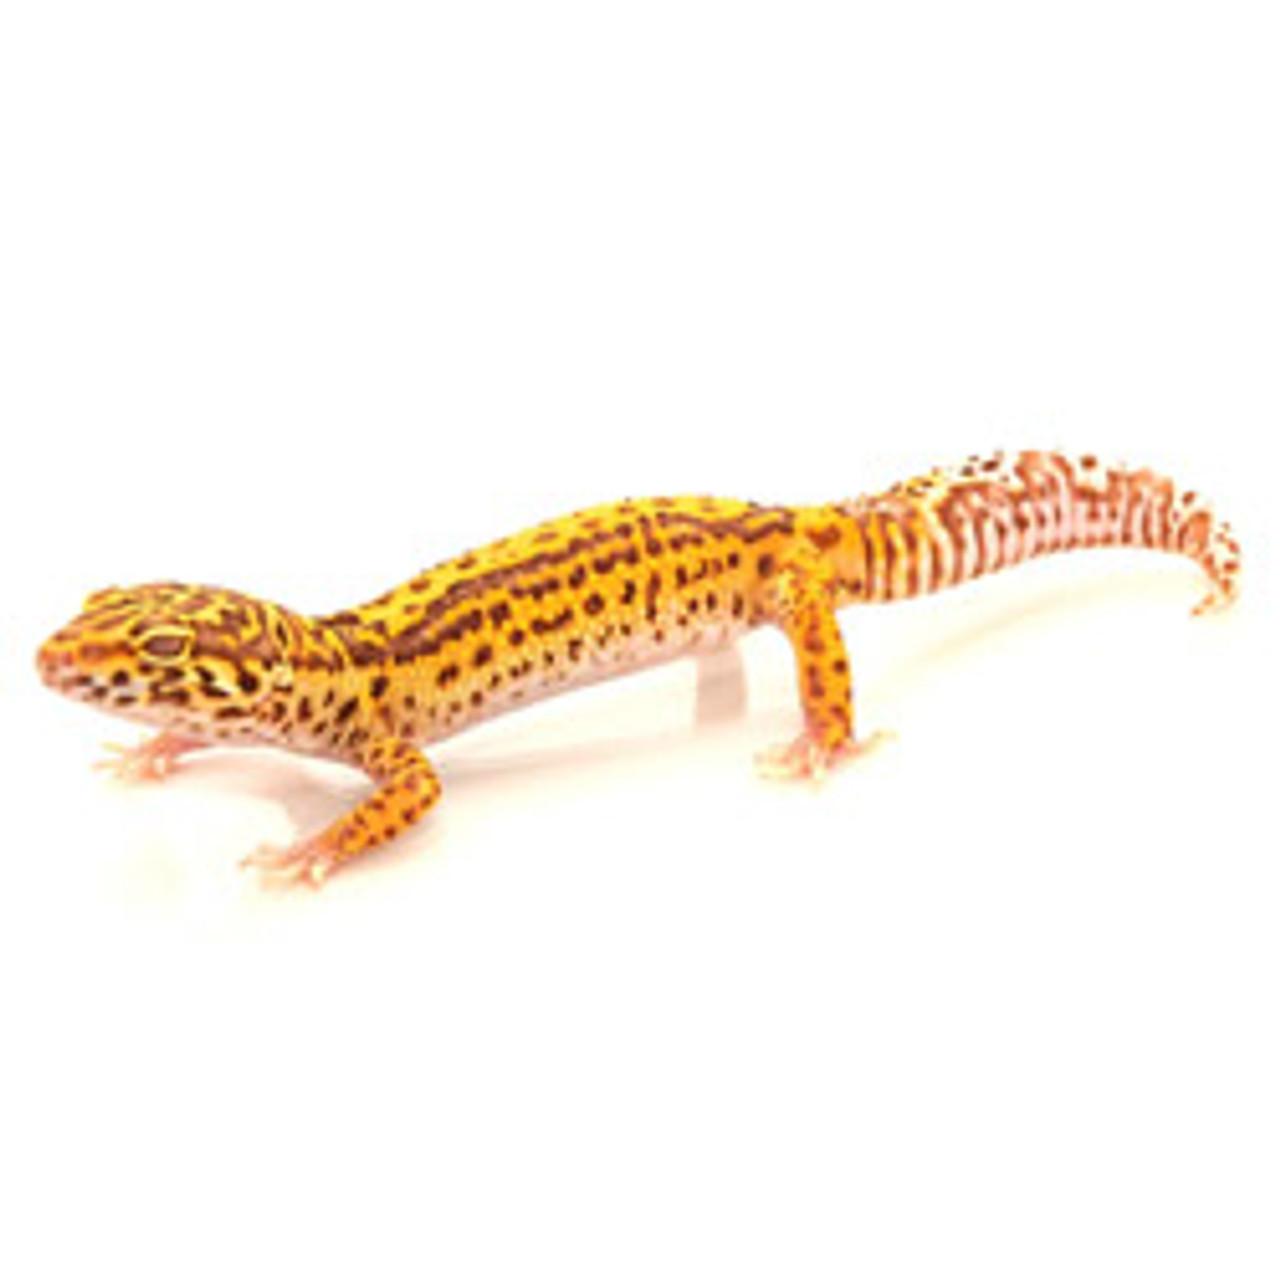 Striped  Albino Leopard Geckos for sale.